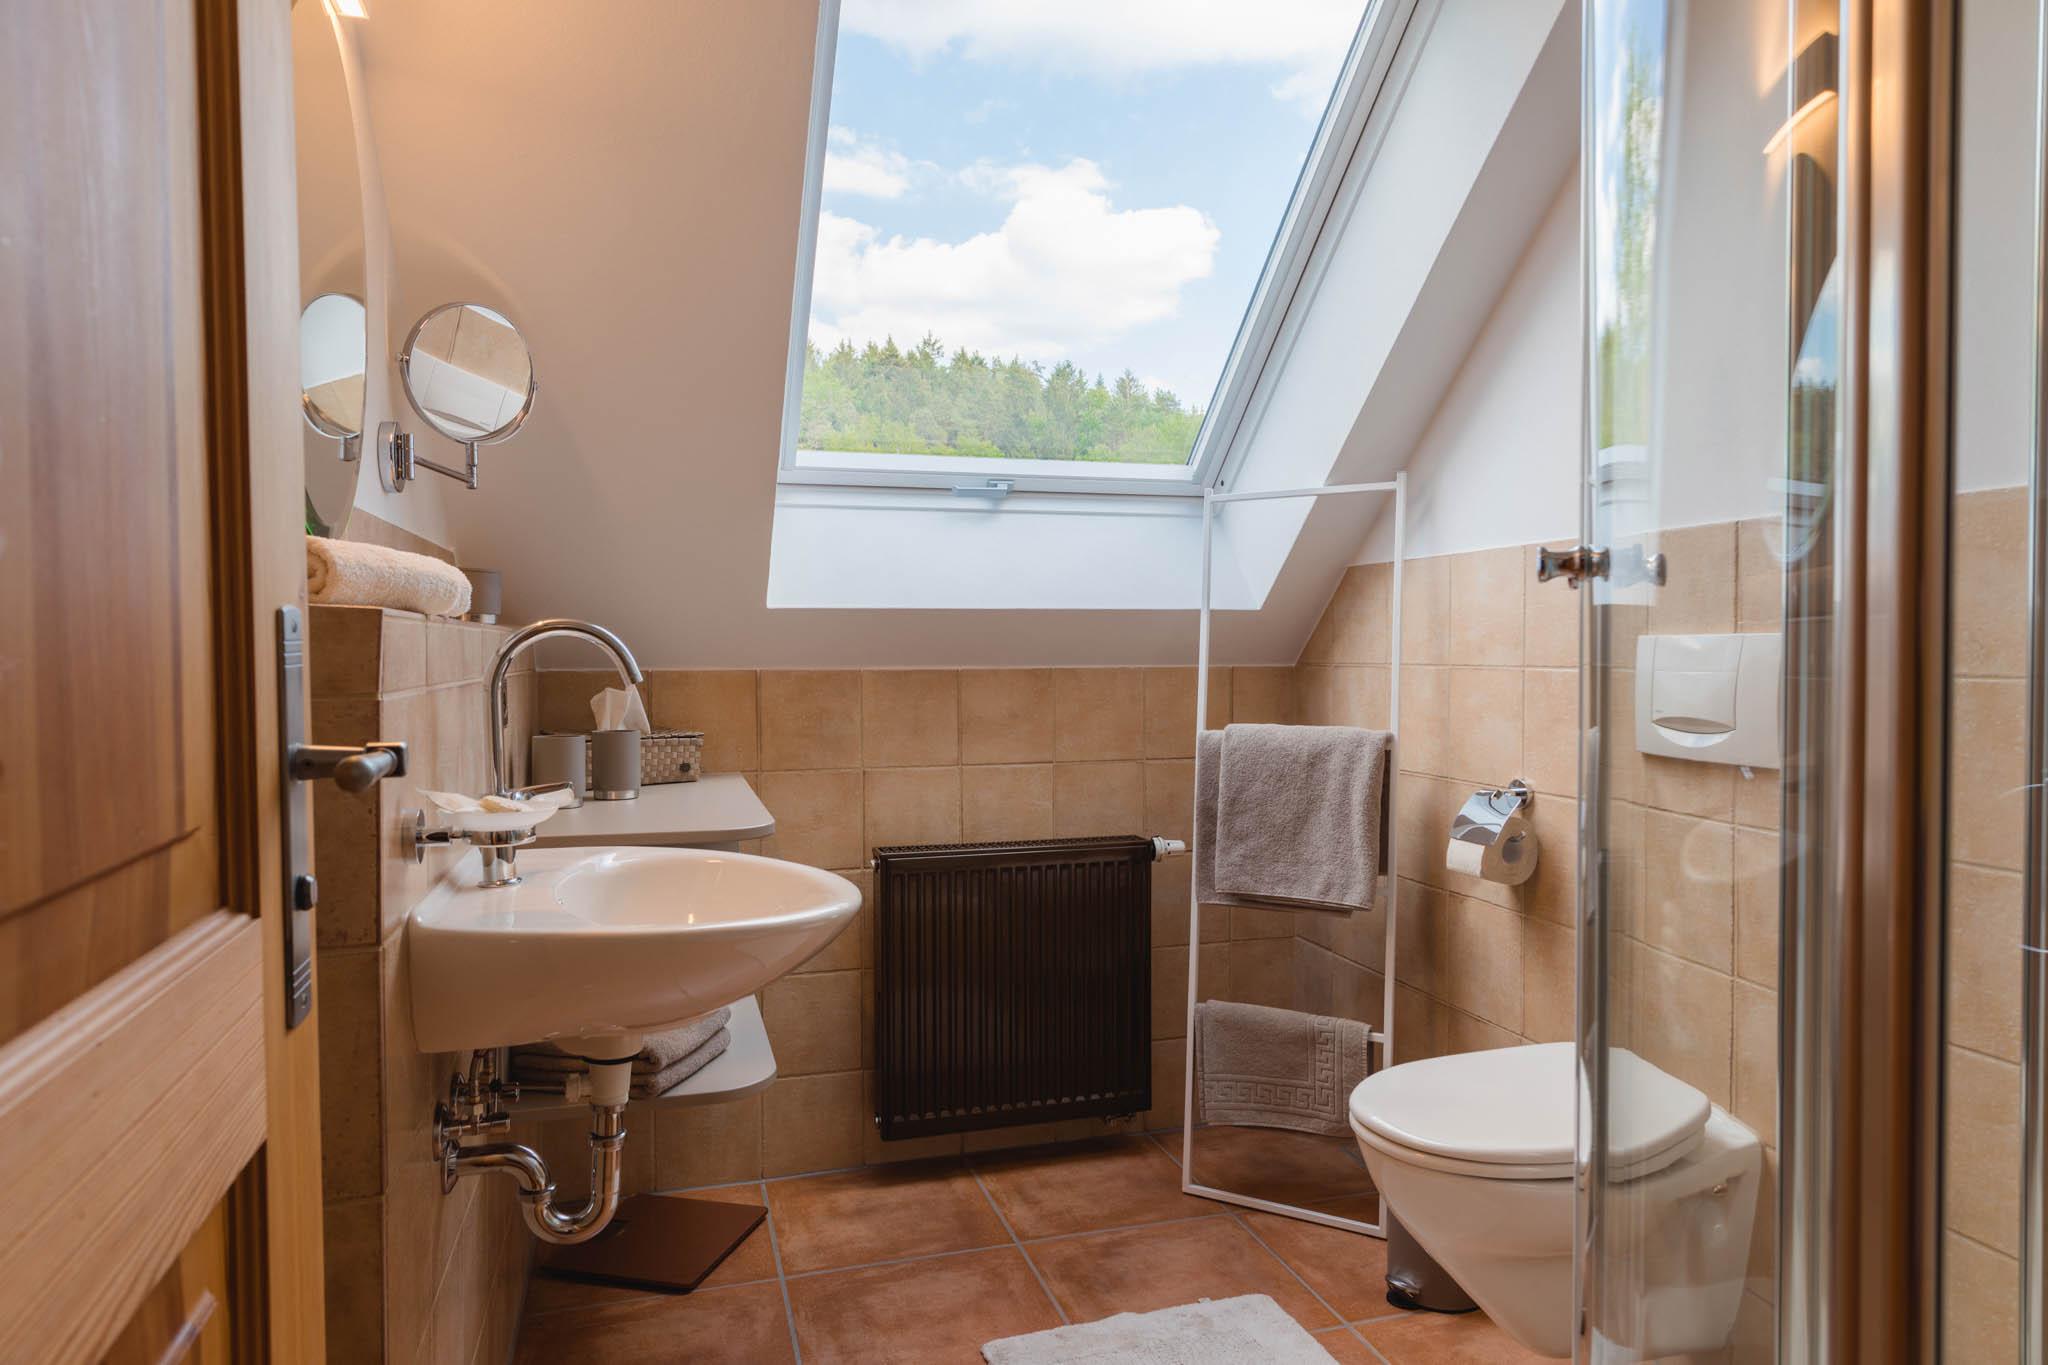 2. Bad, mit Infrarotpaneel in der Dusche, DG